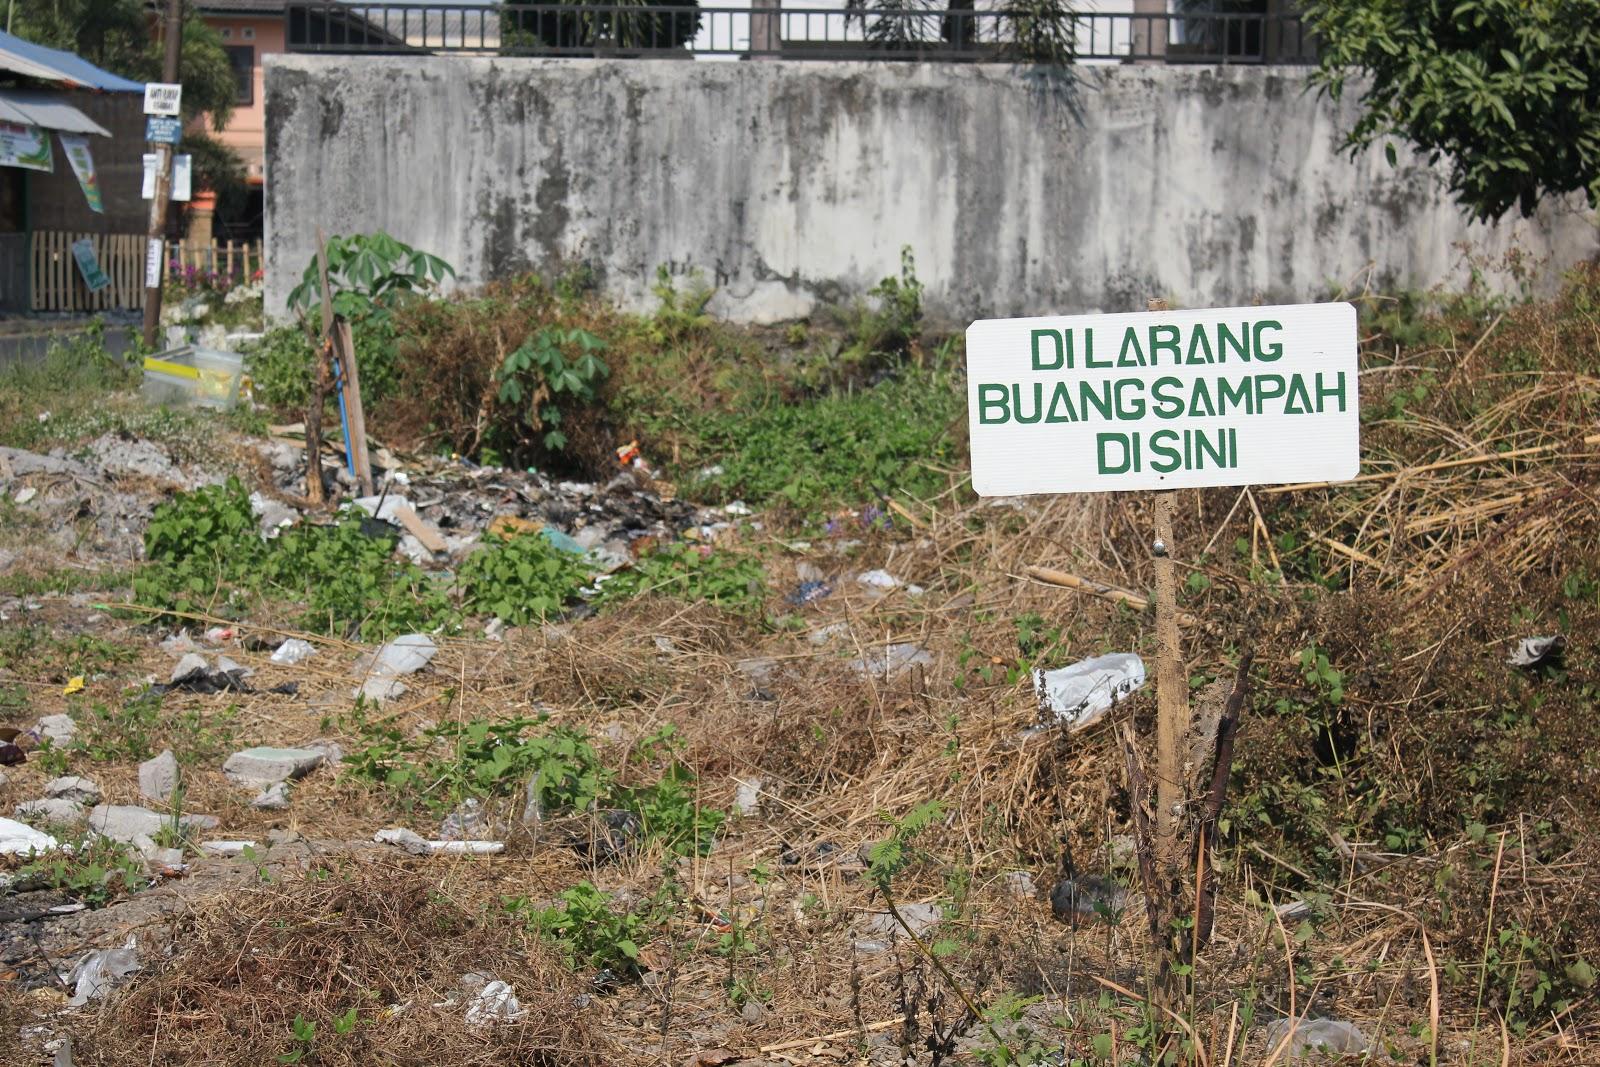 Dilarang membuat sampah sembarangan